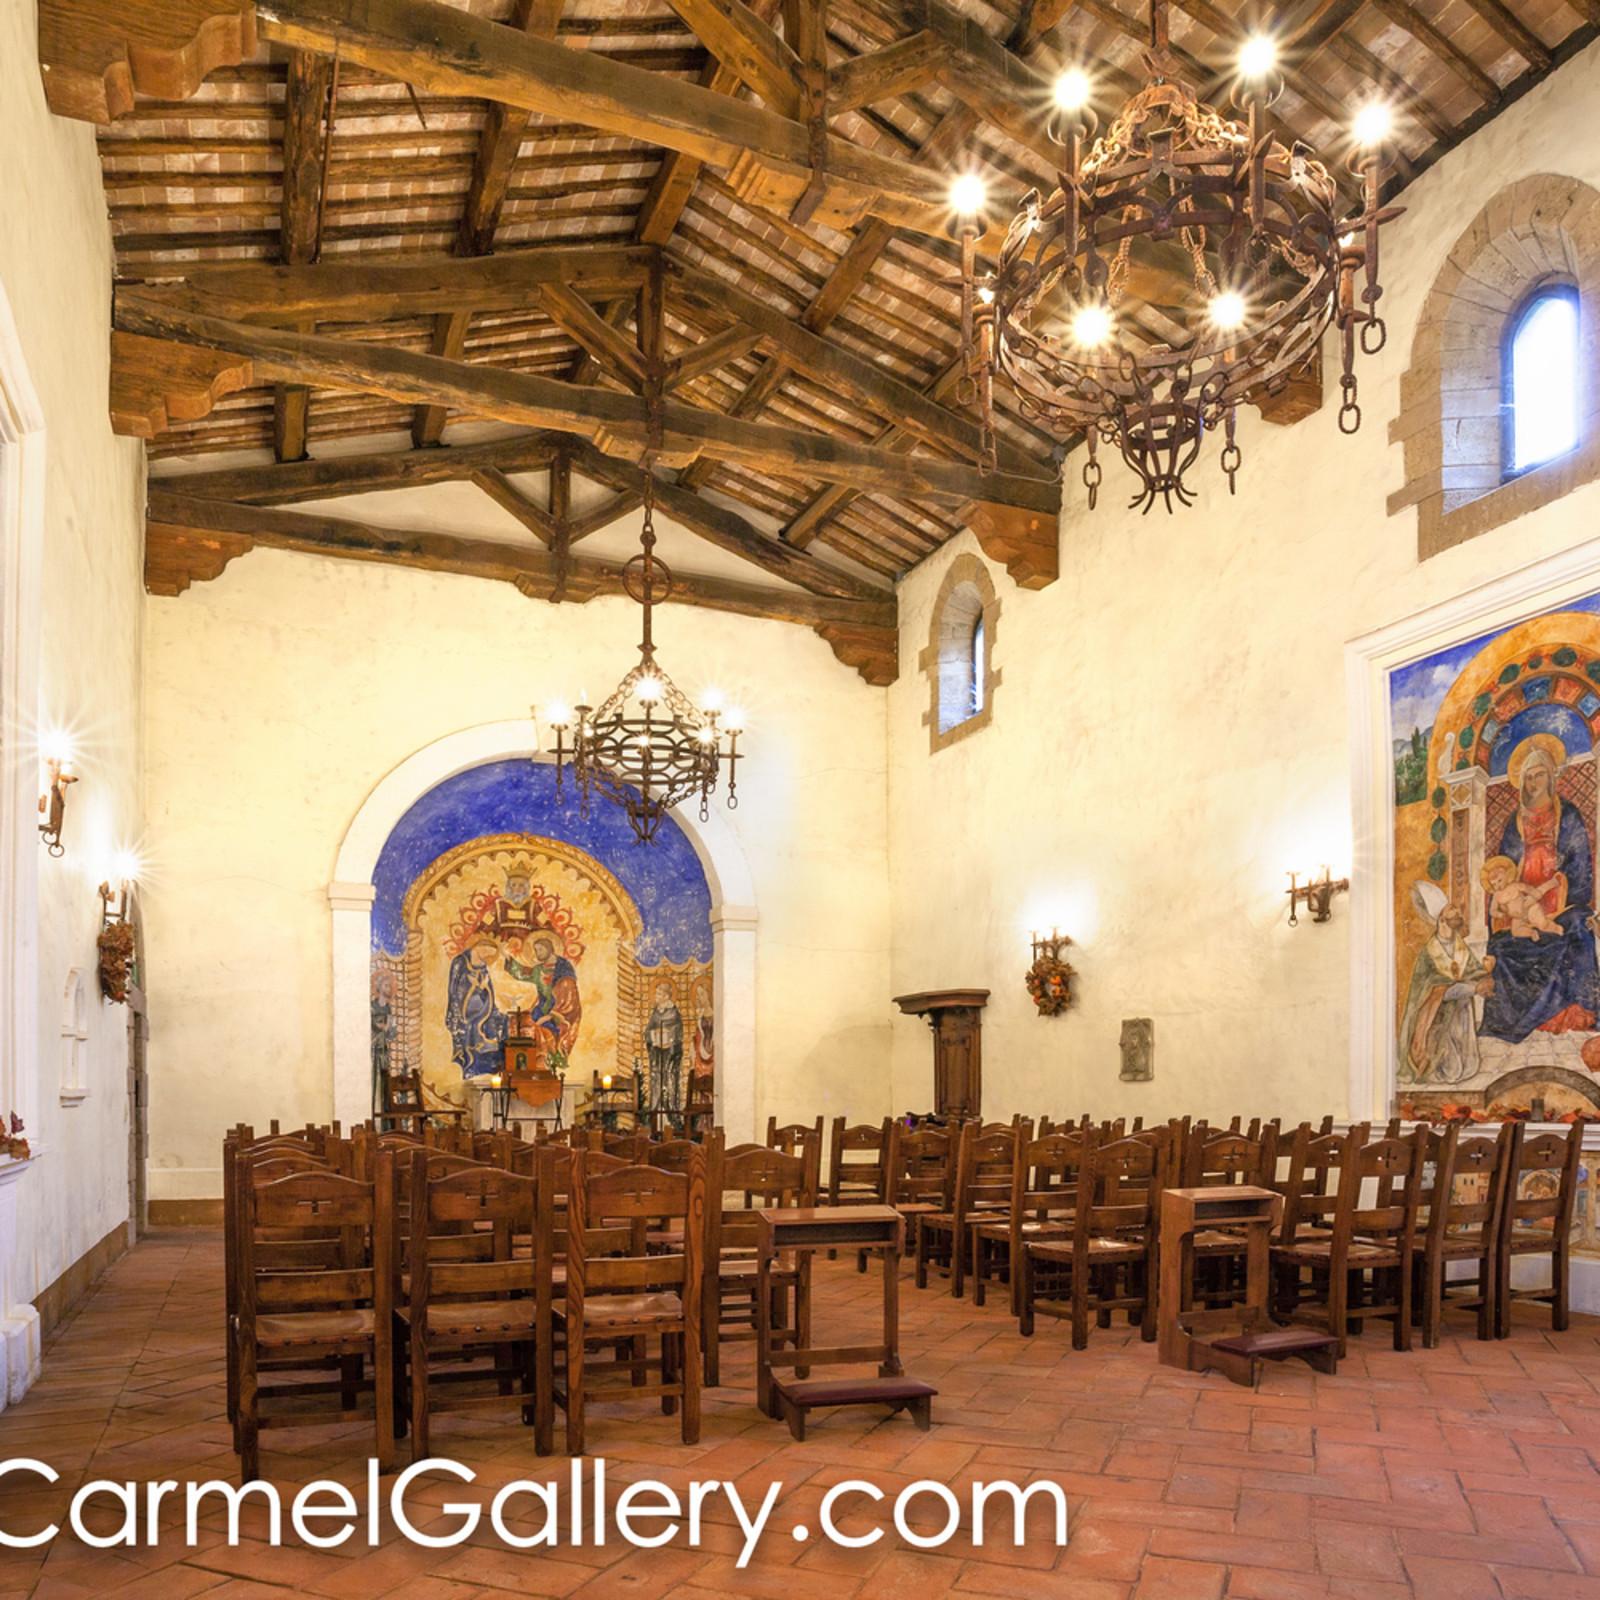 The chapel castello di amorosa lbjptx